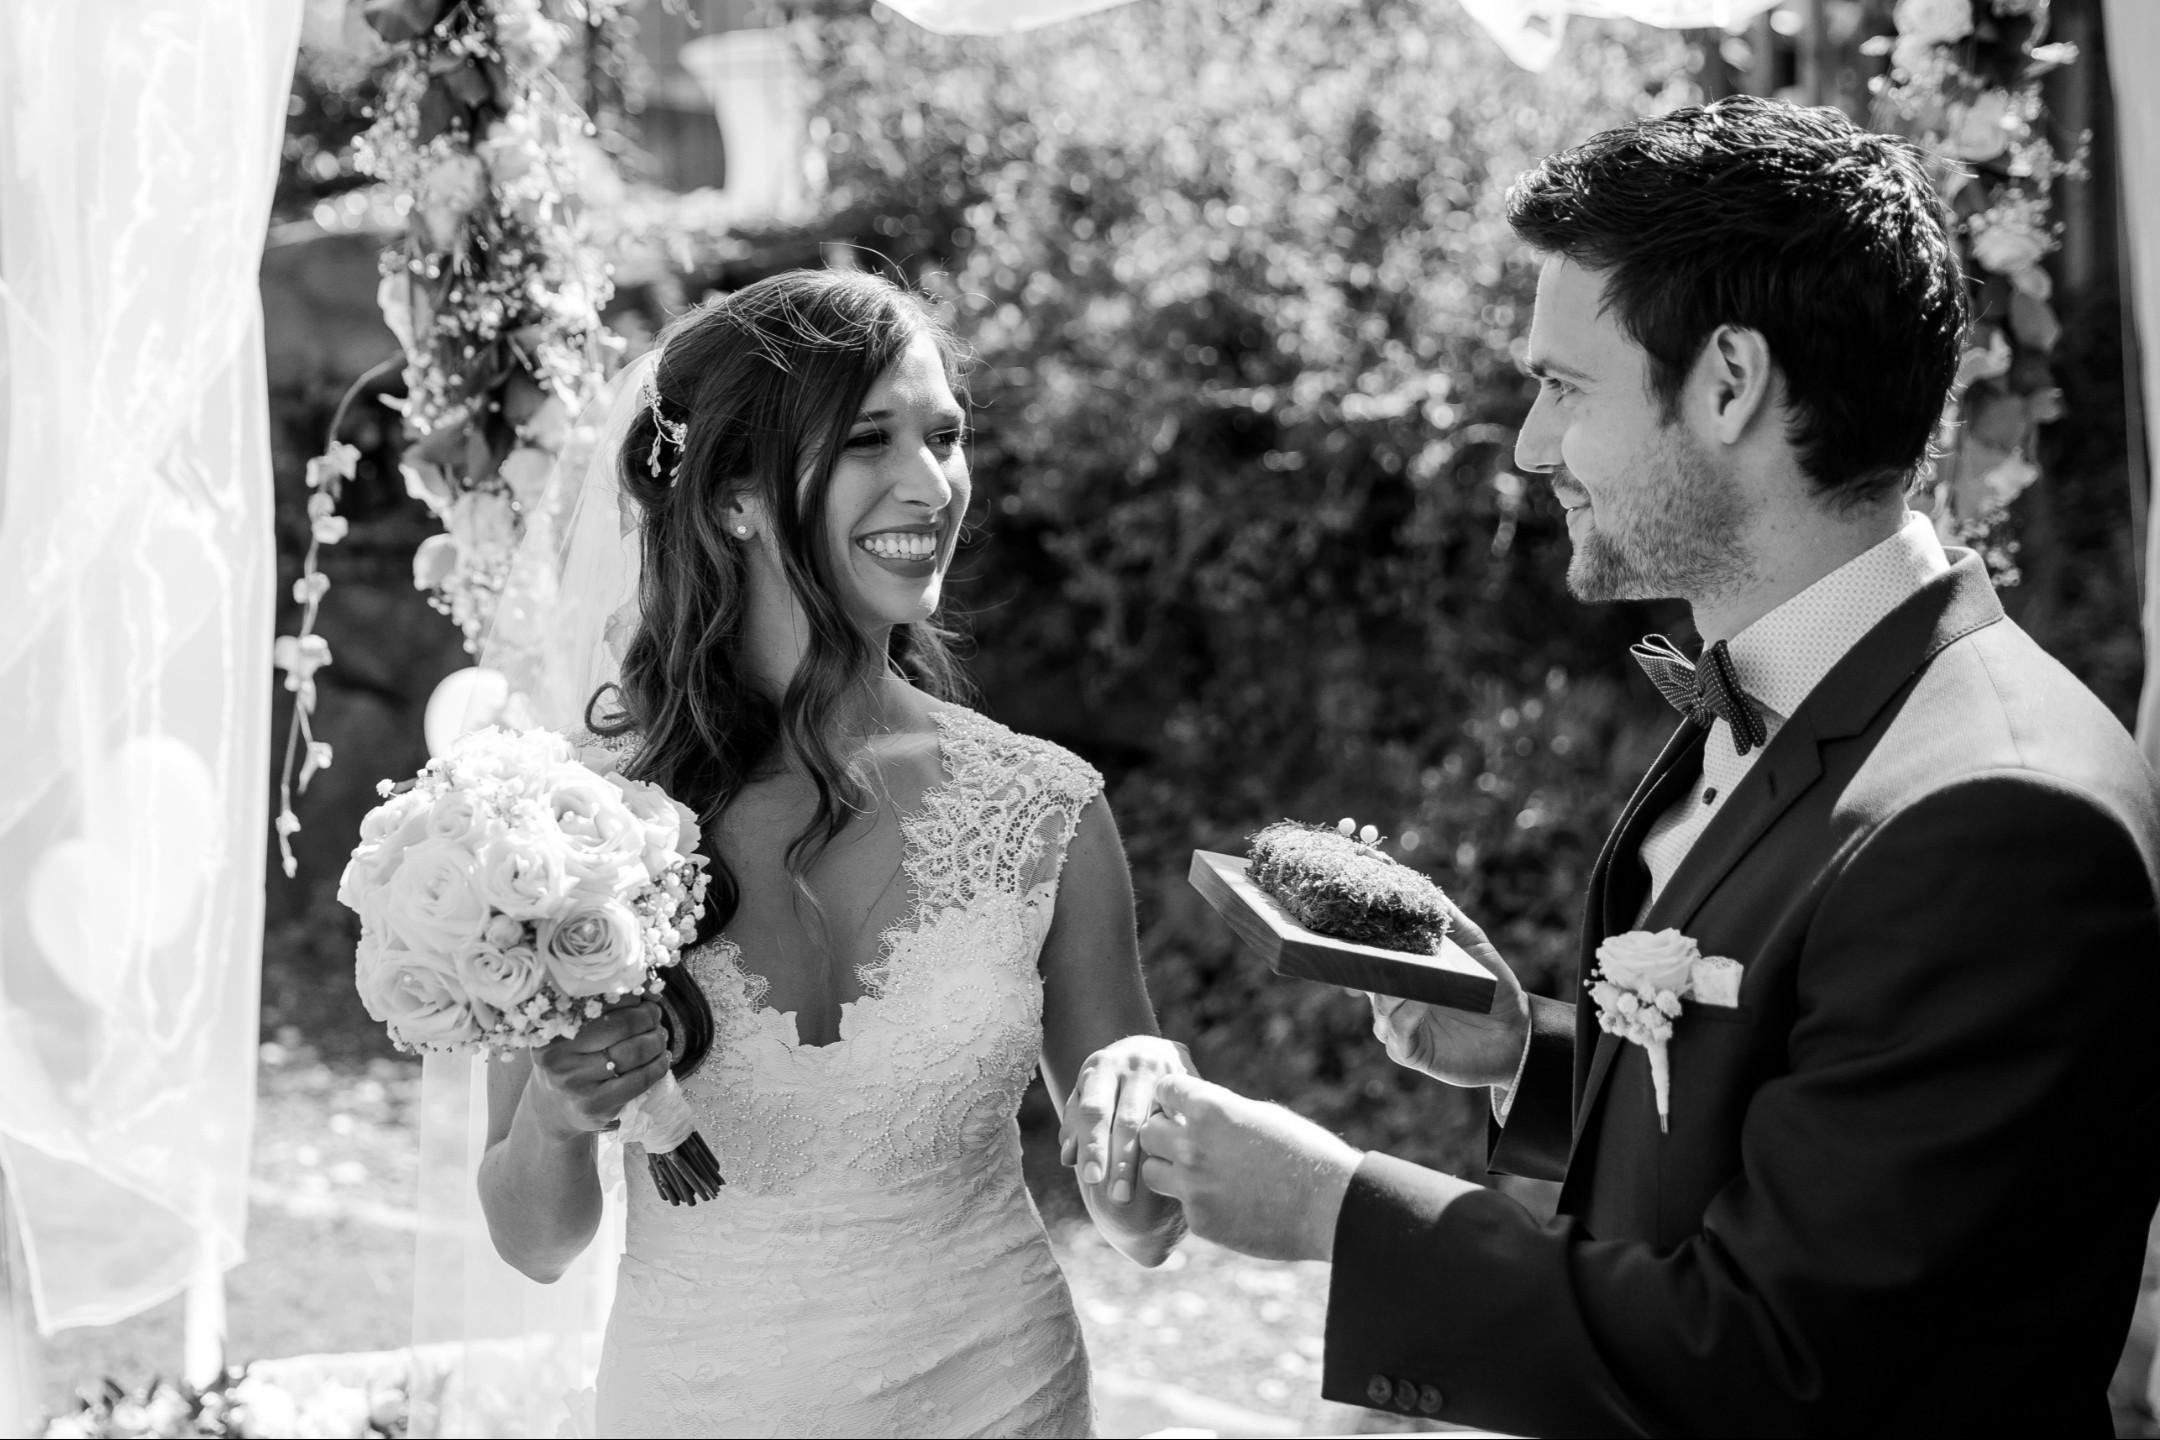 Aida + Tim | Hochzeitsfotografen am Bodensee Aida und Tim - Hochzeitsfotografen aus Konstanz am Bodensee  - Hochzeitsfotografie von Aida und Tim